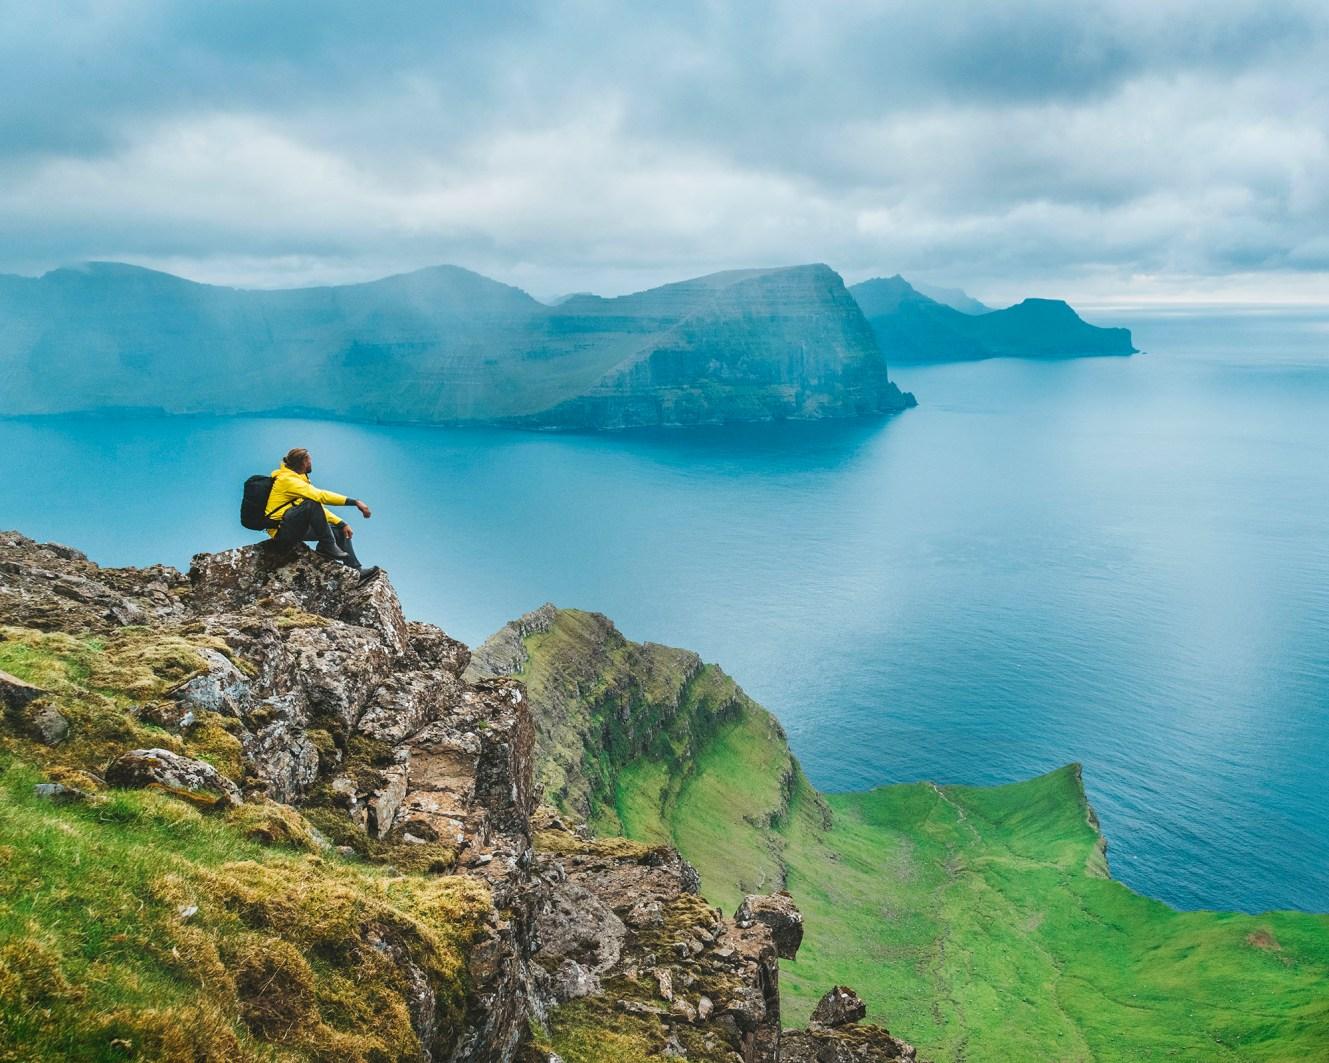 Cape Enniberg / Viðareiði, Faroe Islands